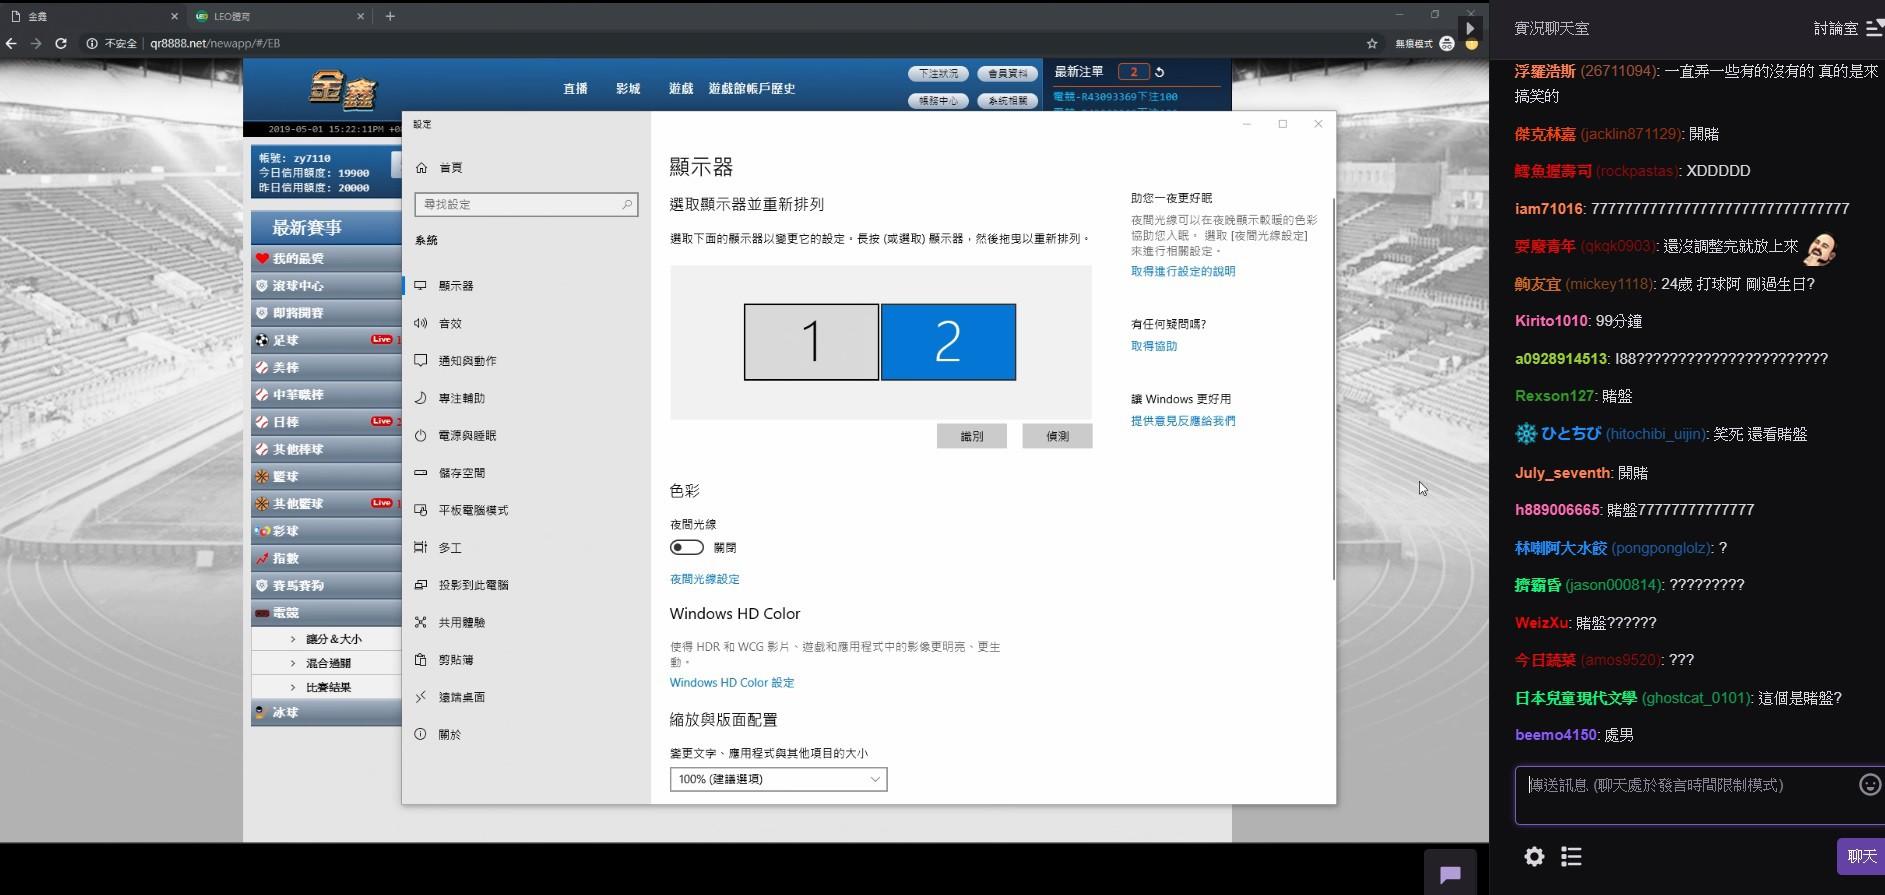 Giữa thời điểm nhạy cảm với bán độ, Garena Đài Loan lại mắc sai lầm ngớ ngẩn này - Ảnh 1.